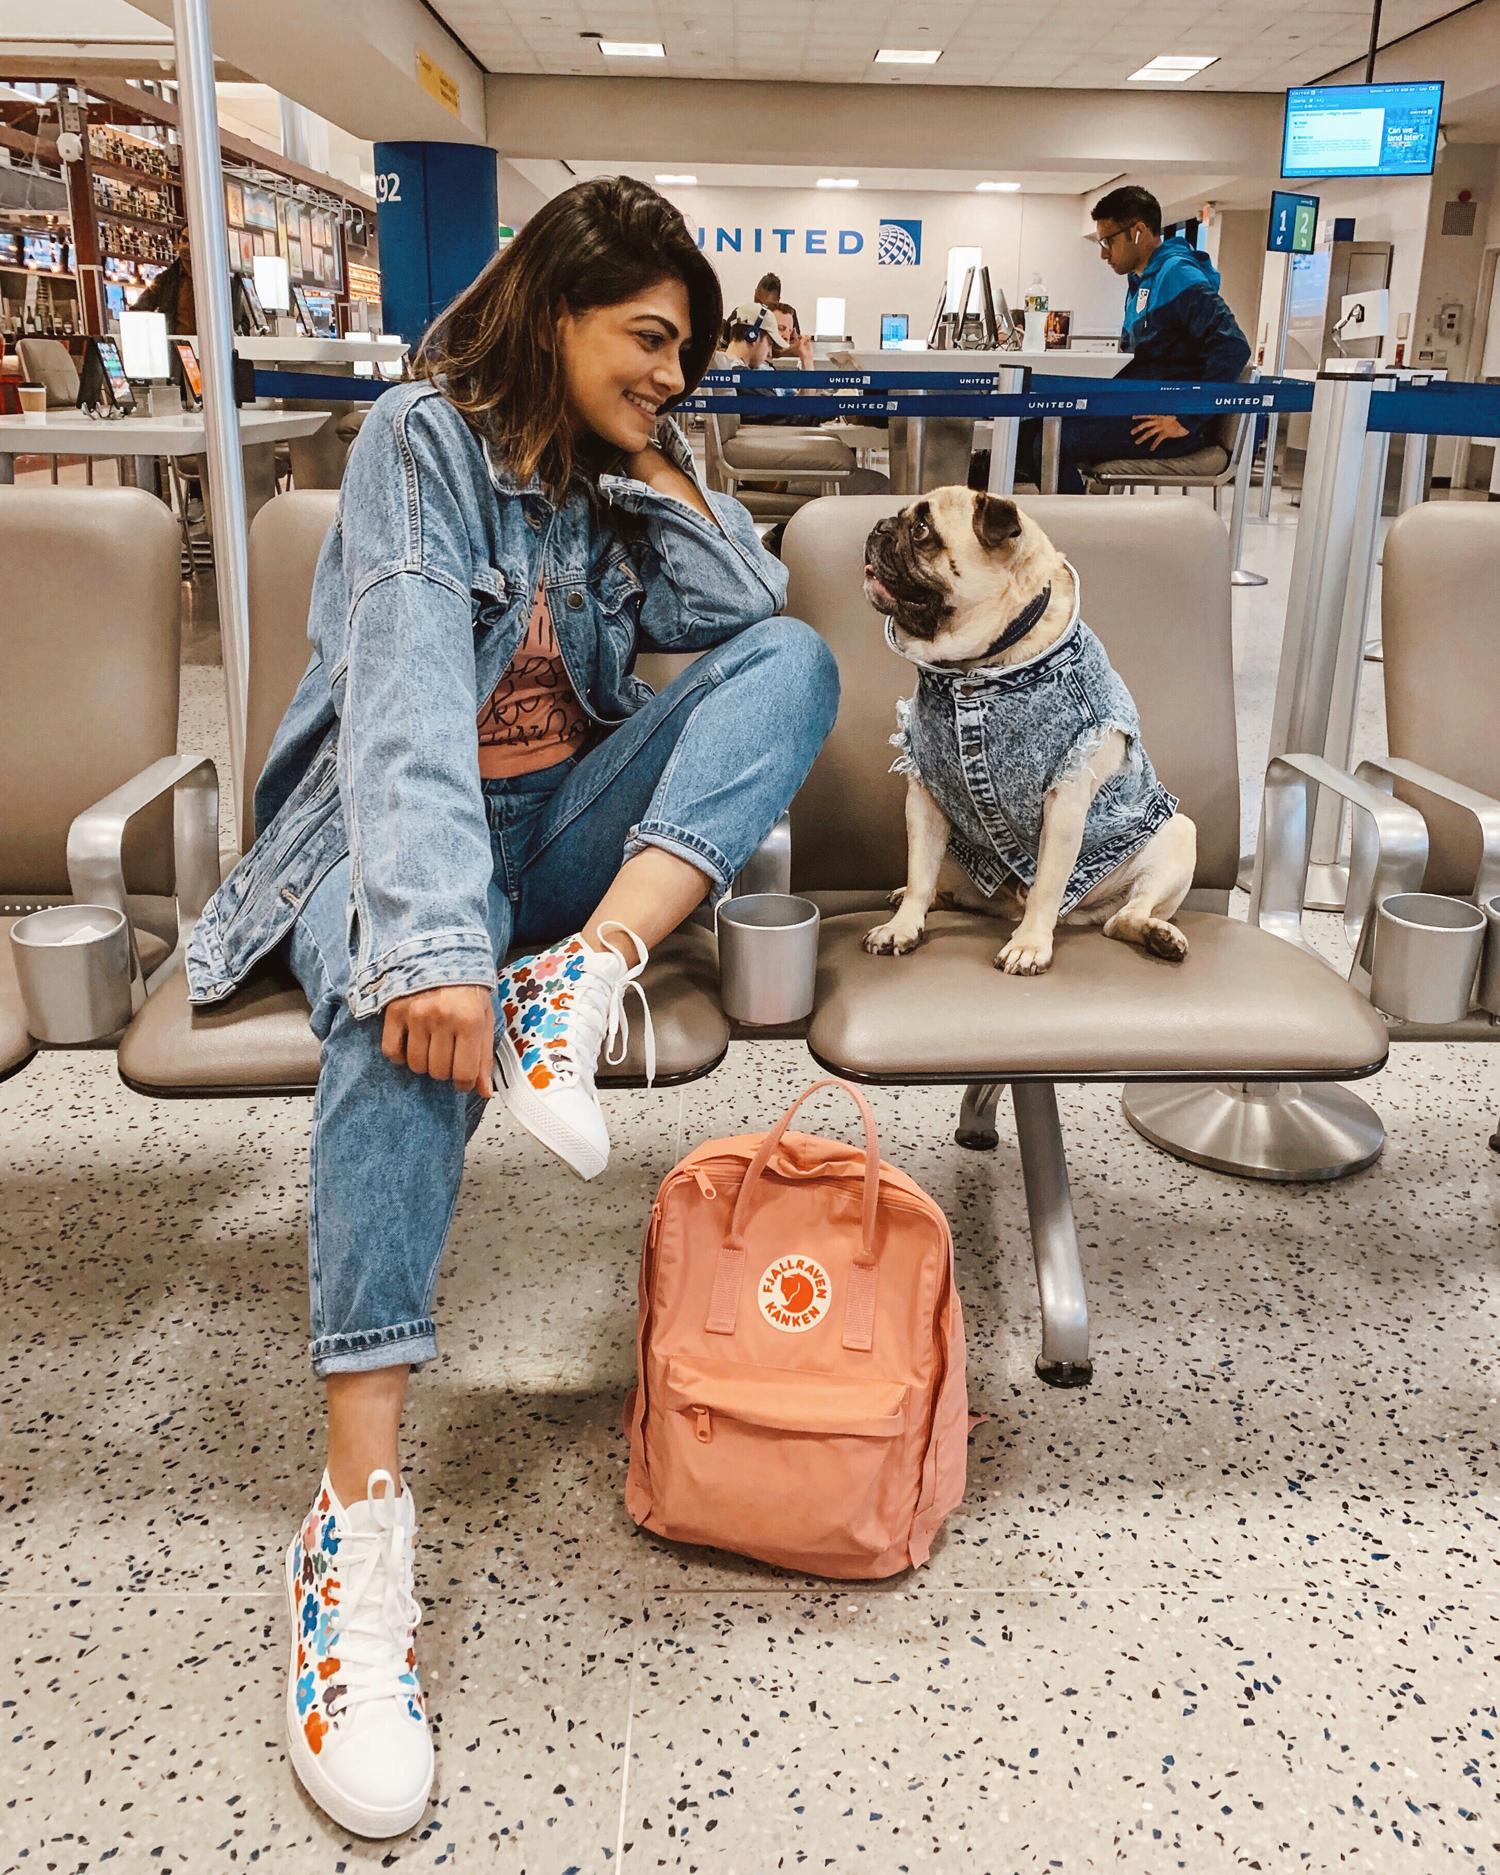 Portland-dogfriendly-travel-travelwithyourdog-woodenshoetulipfestival-2019-dogstraveling-dogblog-pug-dogmomblog-newyorkblog-visitportland32.jpg